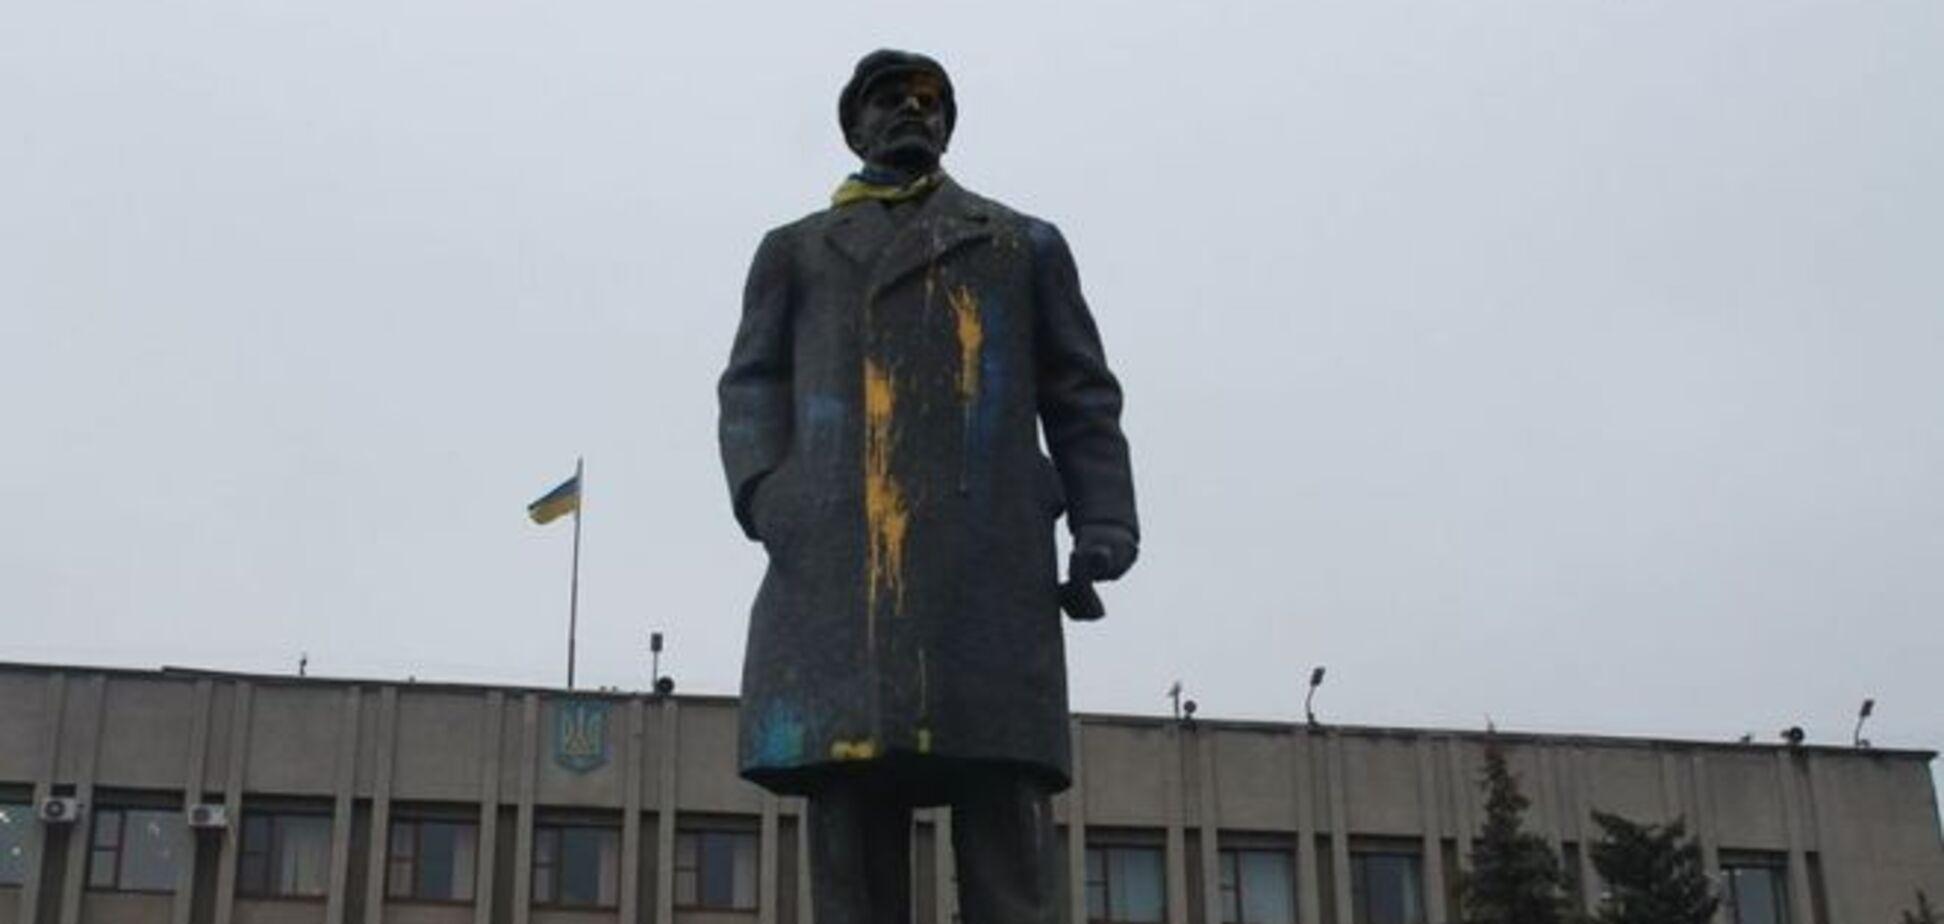 Ленина в Славянске креативно 'поздравили' с Днем дурака. Фотофакт